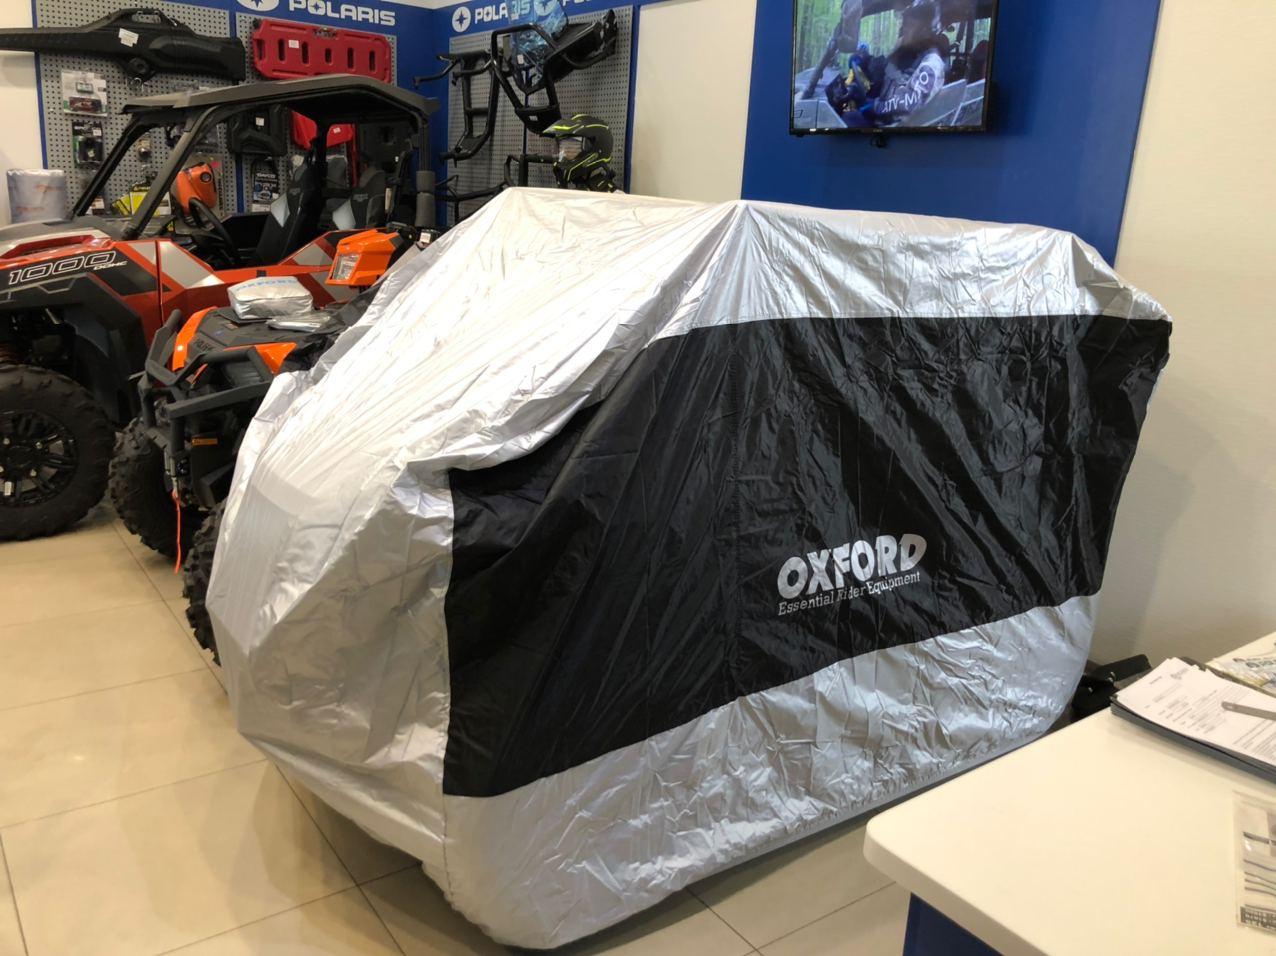 Чехол для квадроцикла OXFORD  Артмото - купить квадроцикл в украине и харькове, мотоцикл, снегоход, скутер, мопед, электромобиль